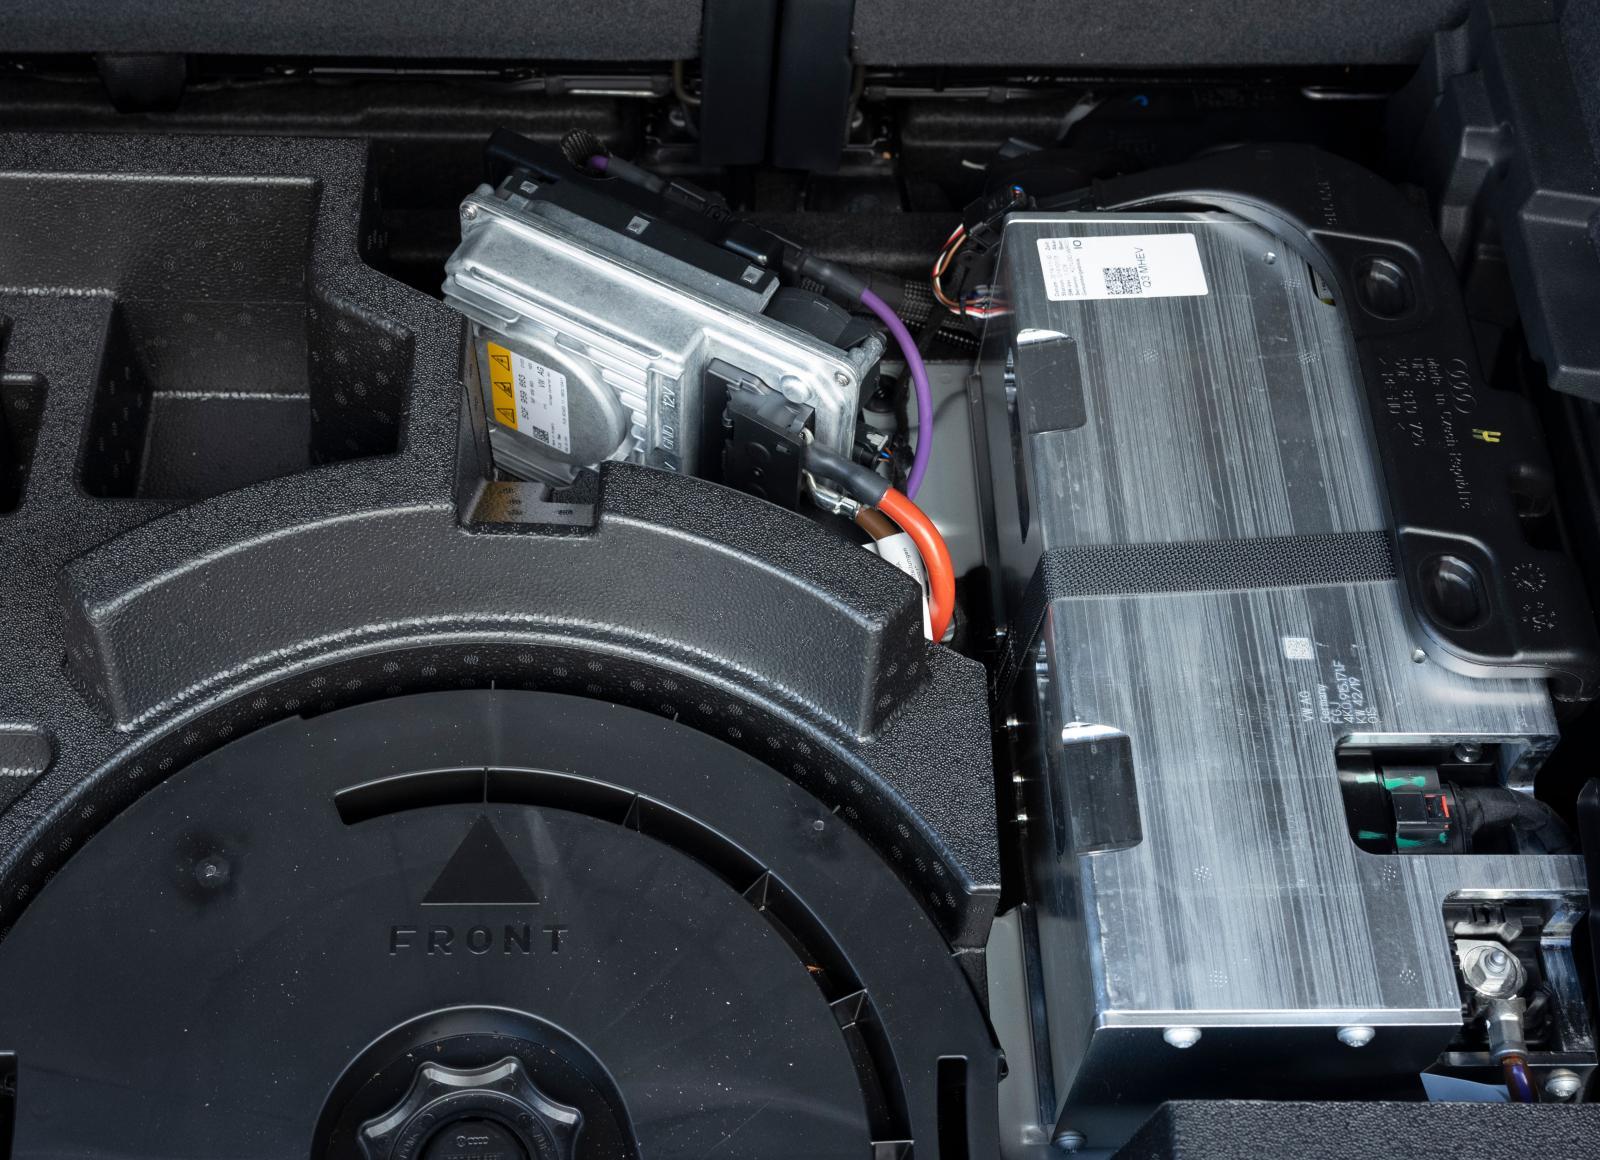 48-voltsystemets litiumjonbatteri skyddas av en aluminiumplåt. Batteriet är luftkylt.